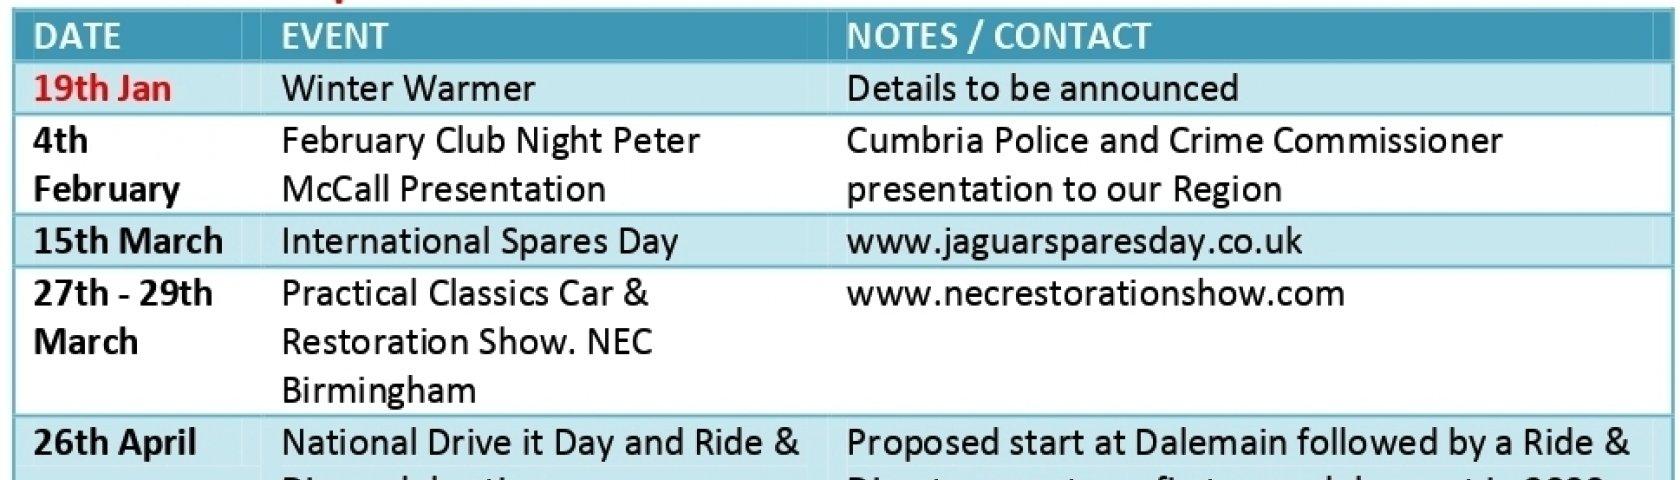 All Jaguar 2020 Events Crop 1